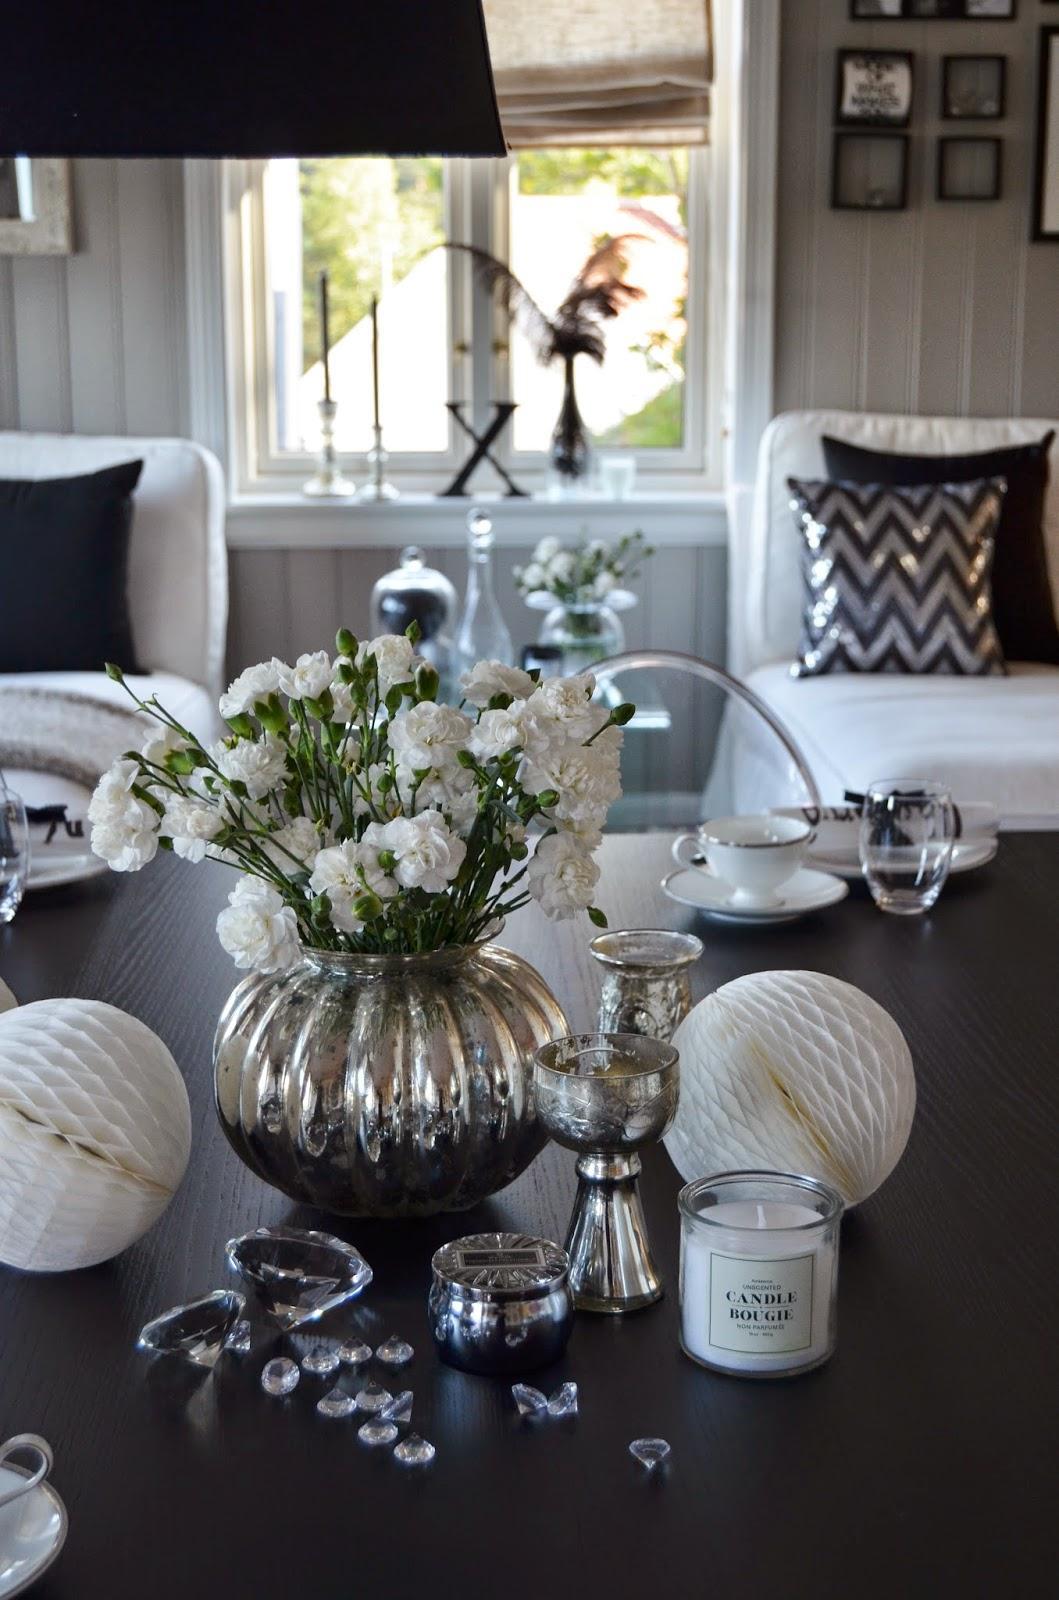 Romantika v interiéri spríjemní domov... - Obrázok č. 4